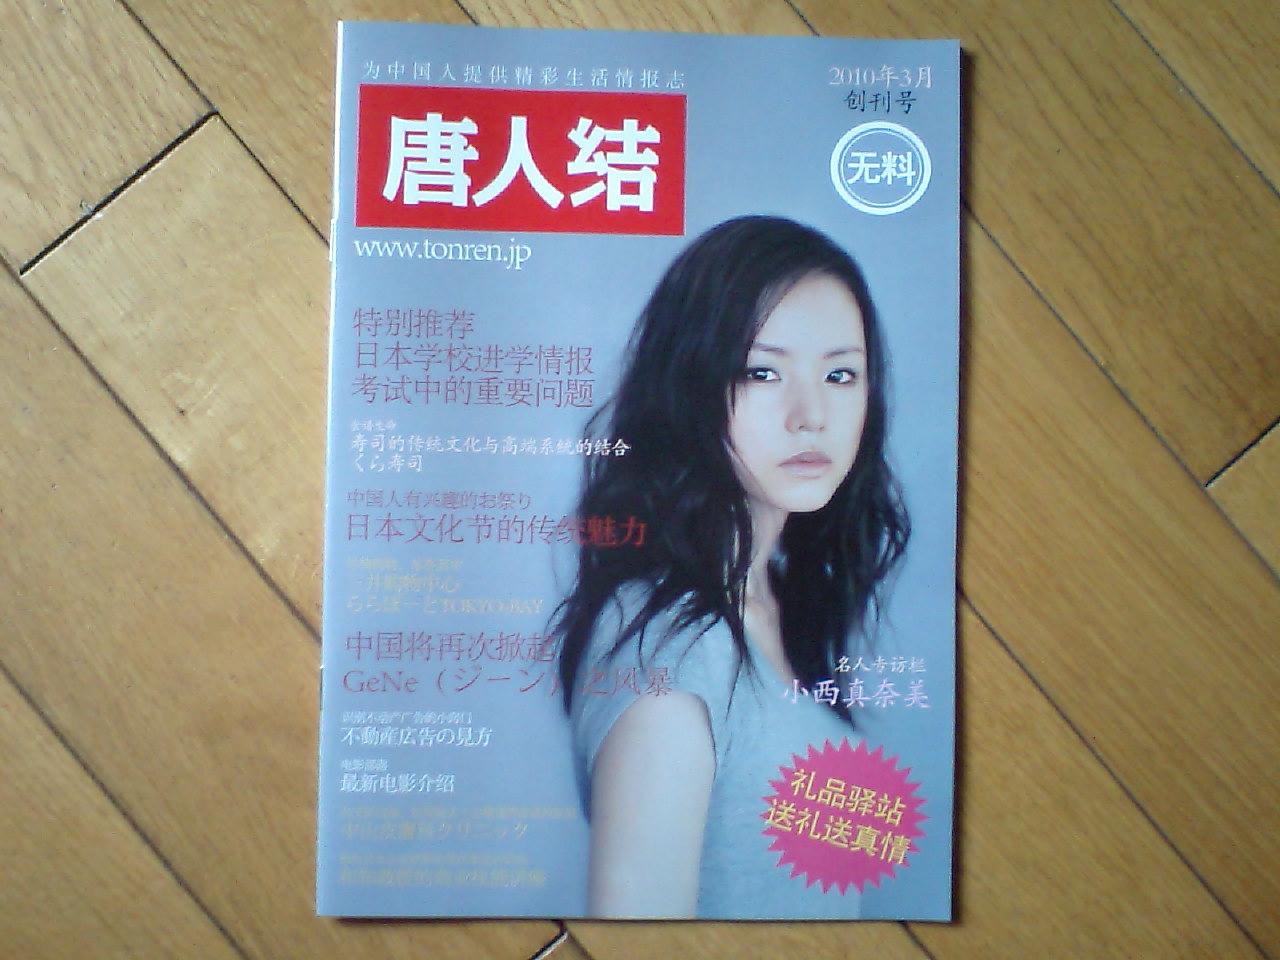 新しい中国語雑誌「唐人結」 創刊号発行_d0027795_1427377.jpg